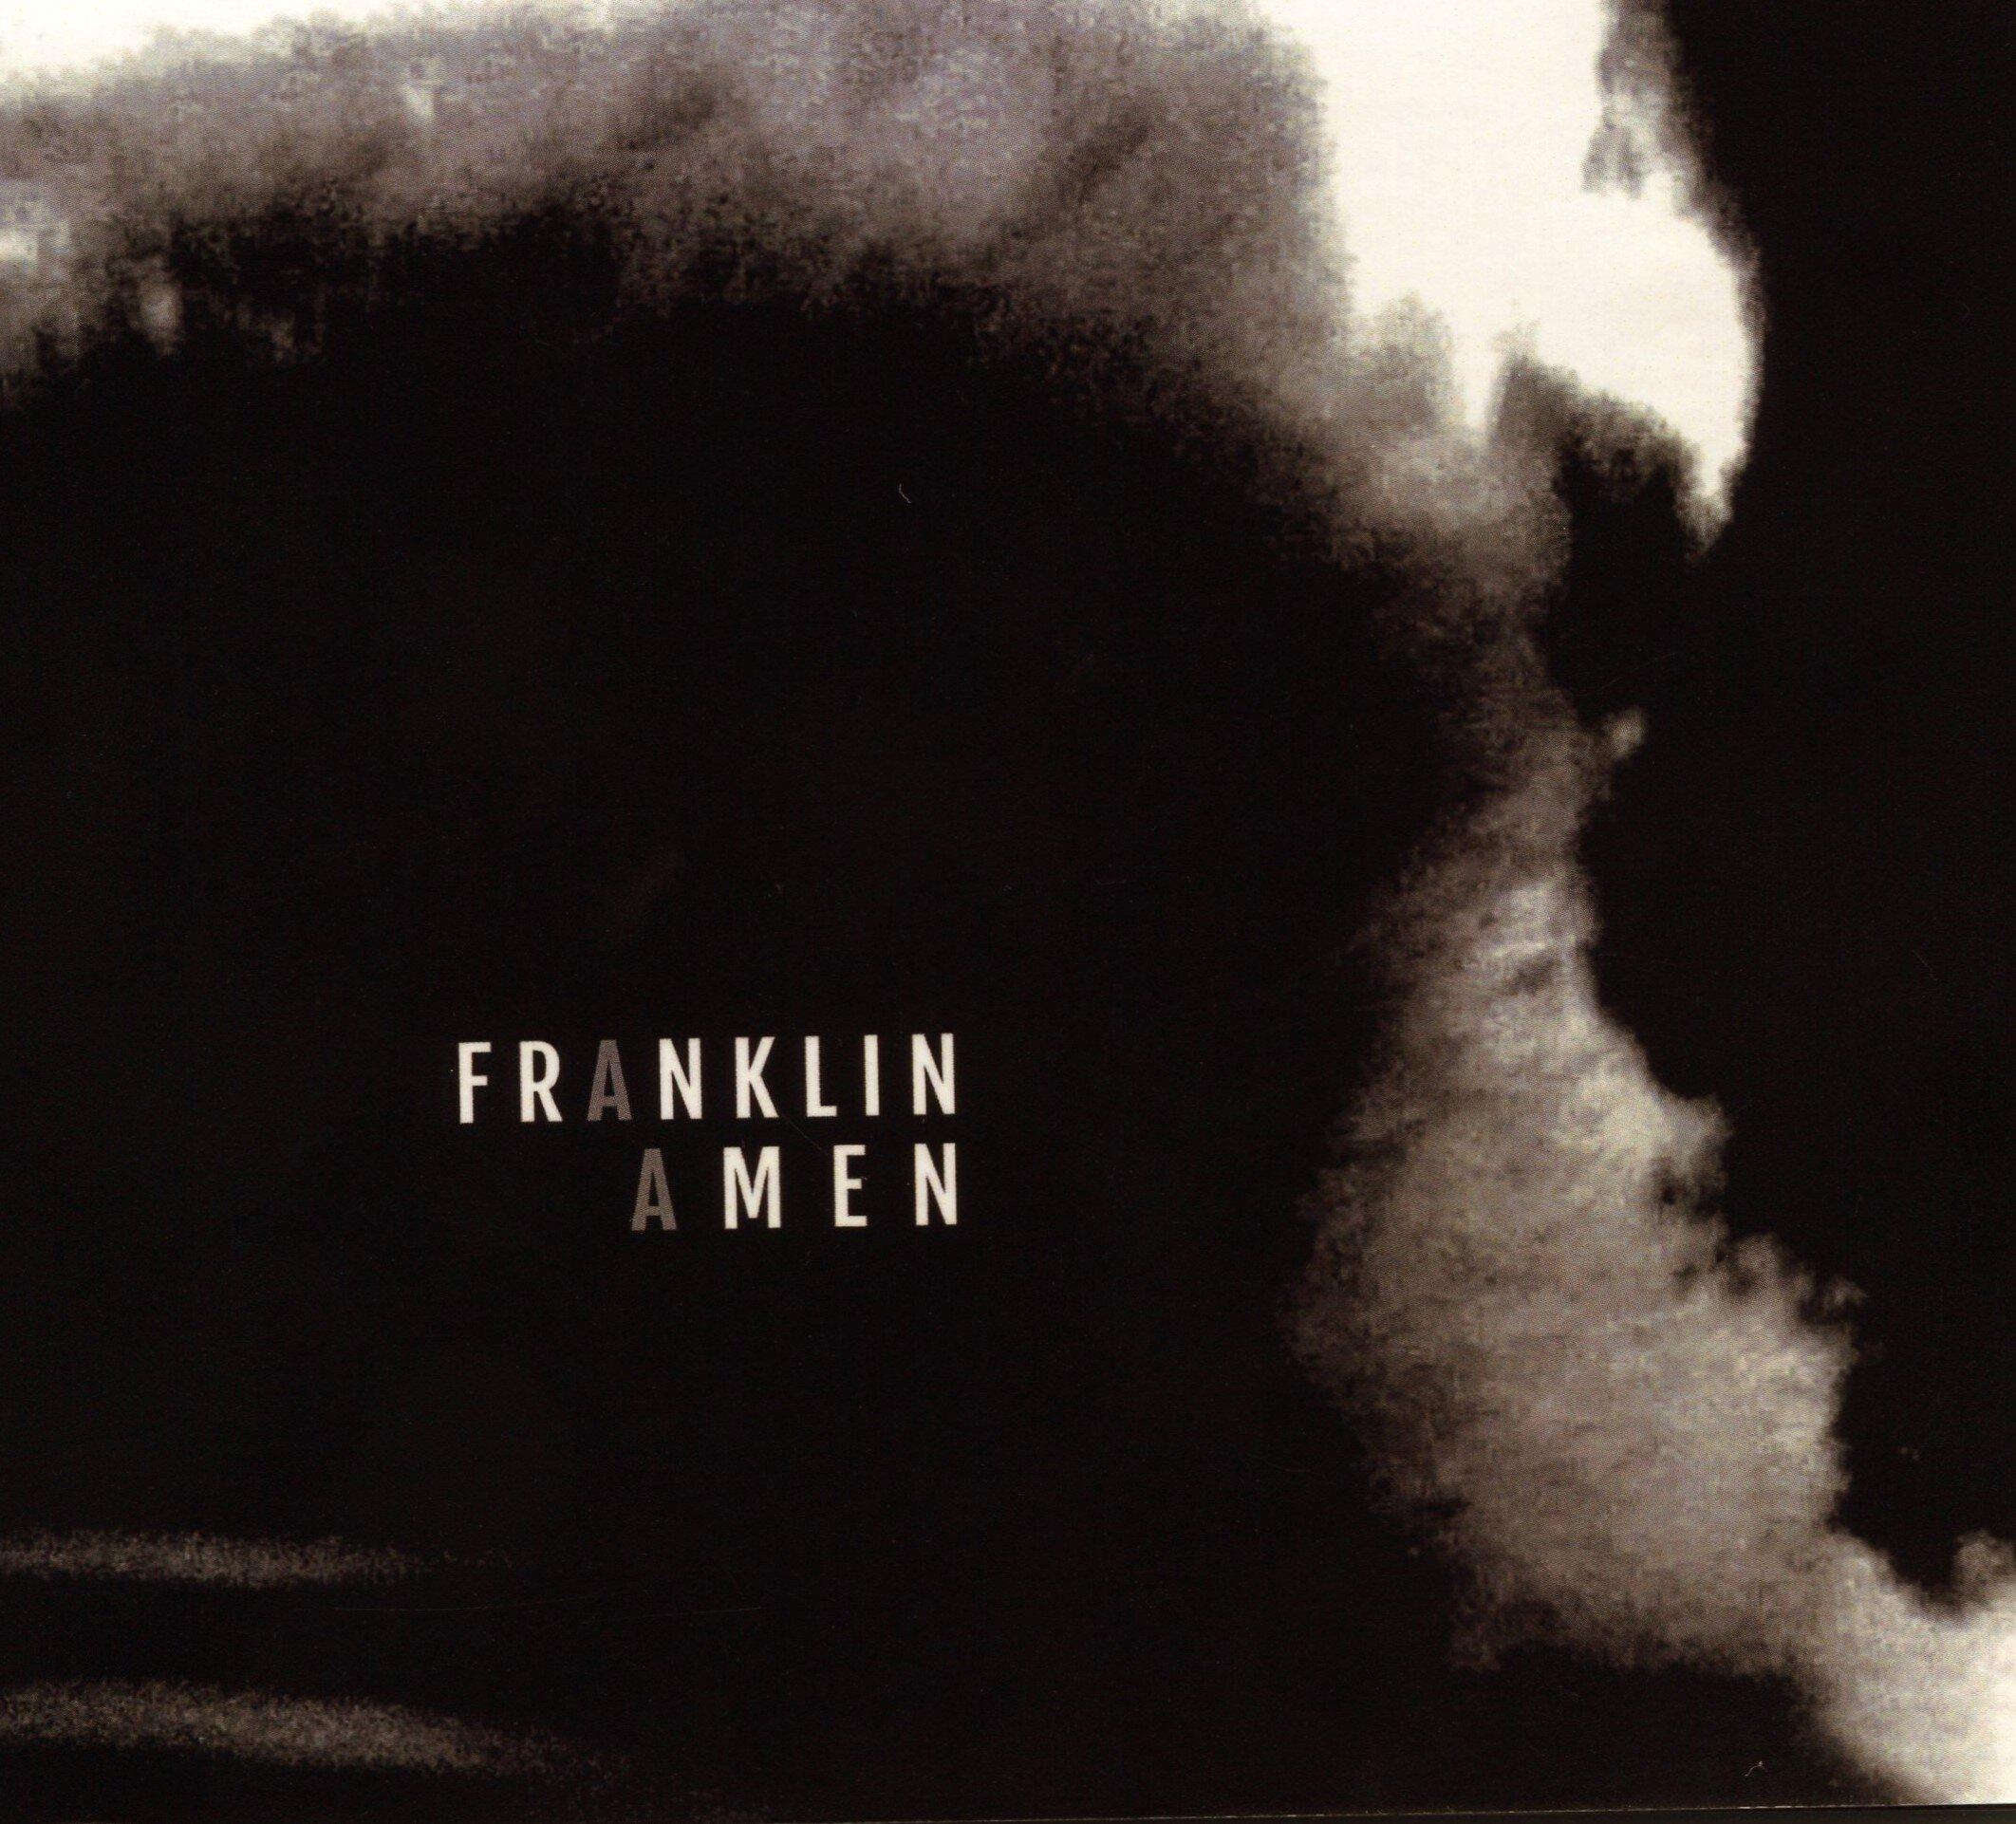 FranklinJosephAmenAlbumCover.jpg